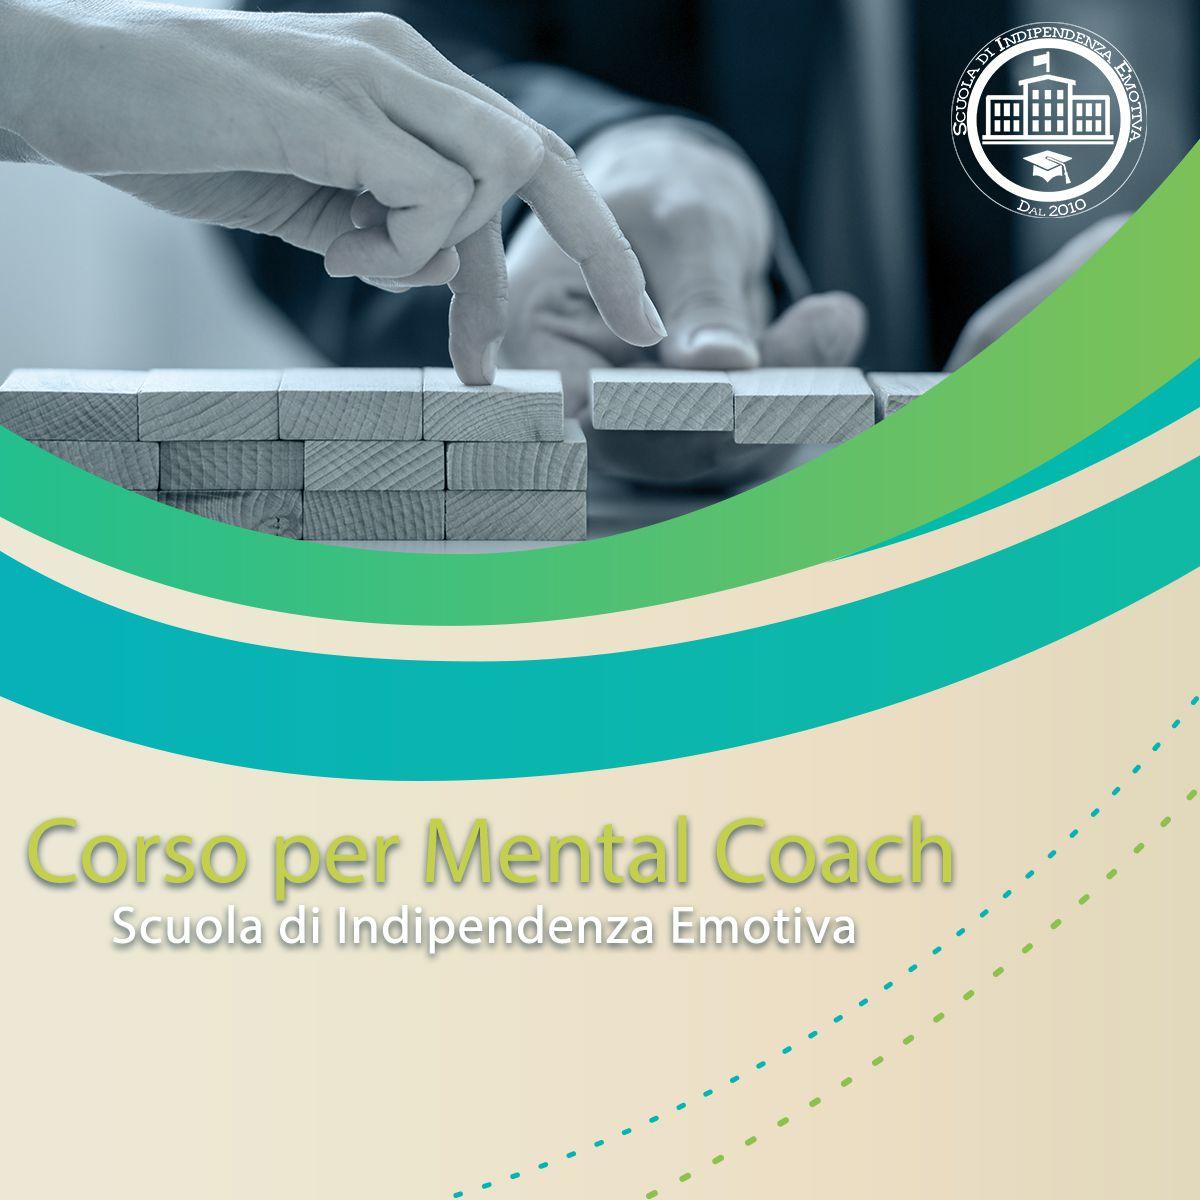 Corso per Mental Coach